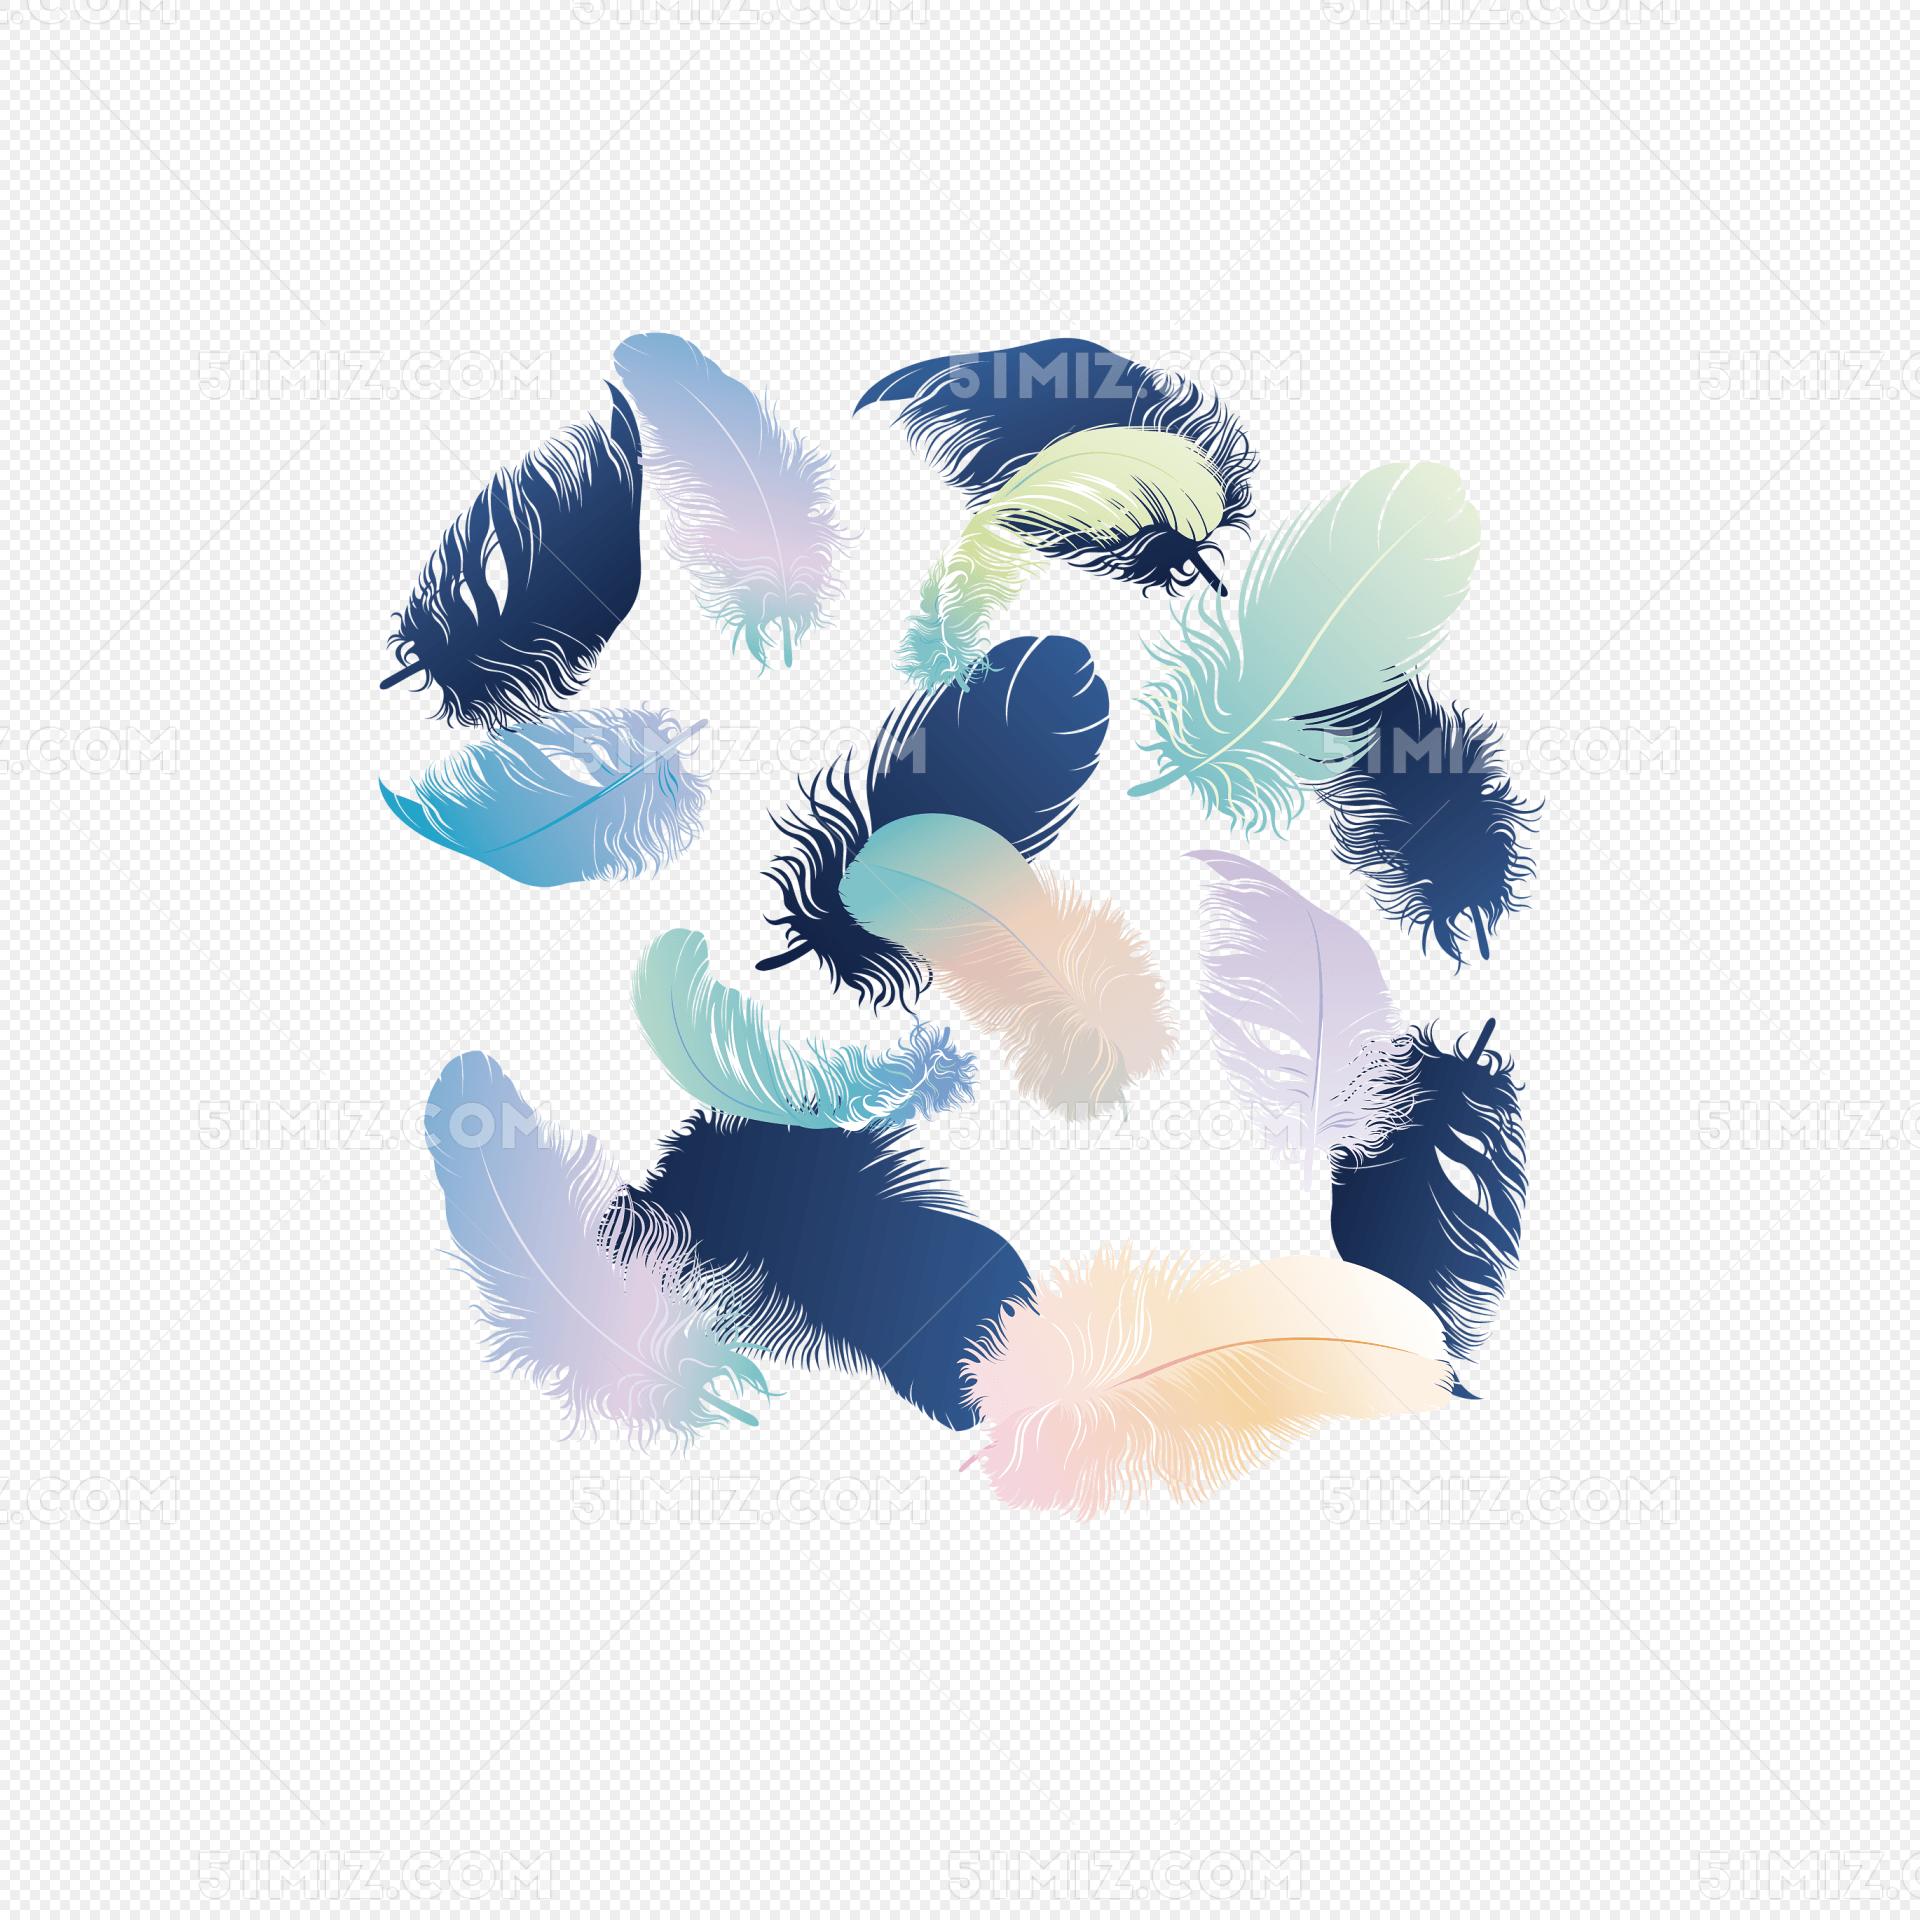 羽毛印花矢量图